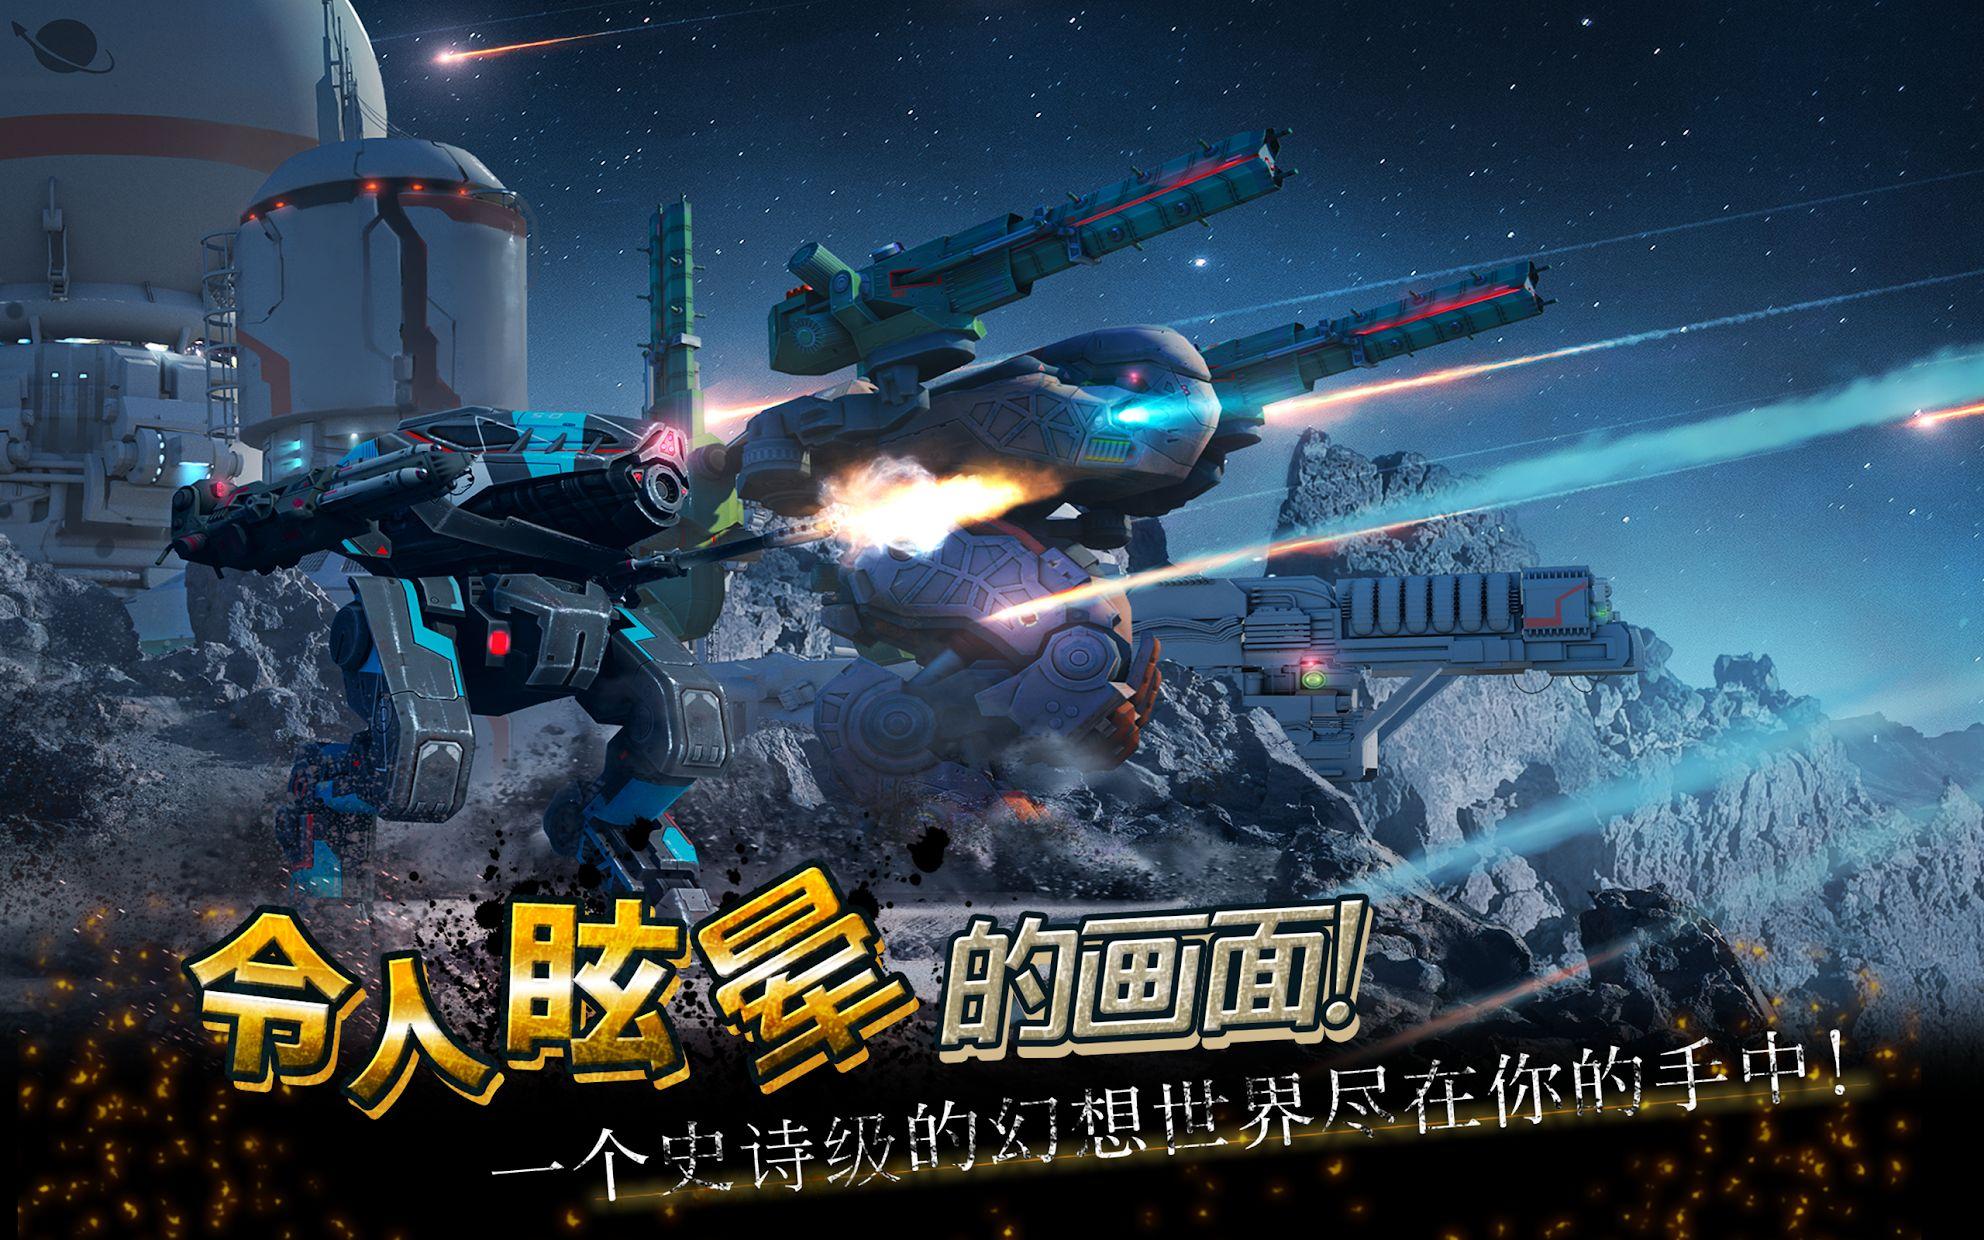 机甲战队《机器人战争 War Robots》 游戏截图5